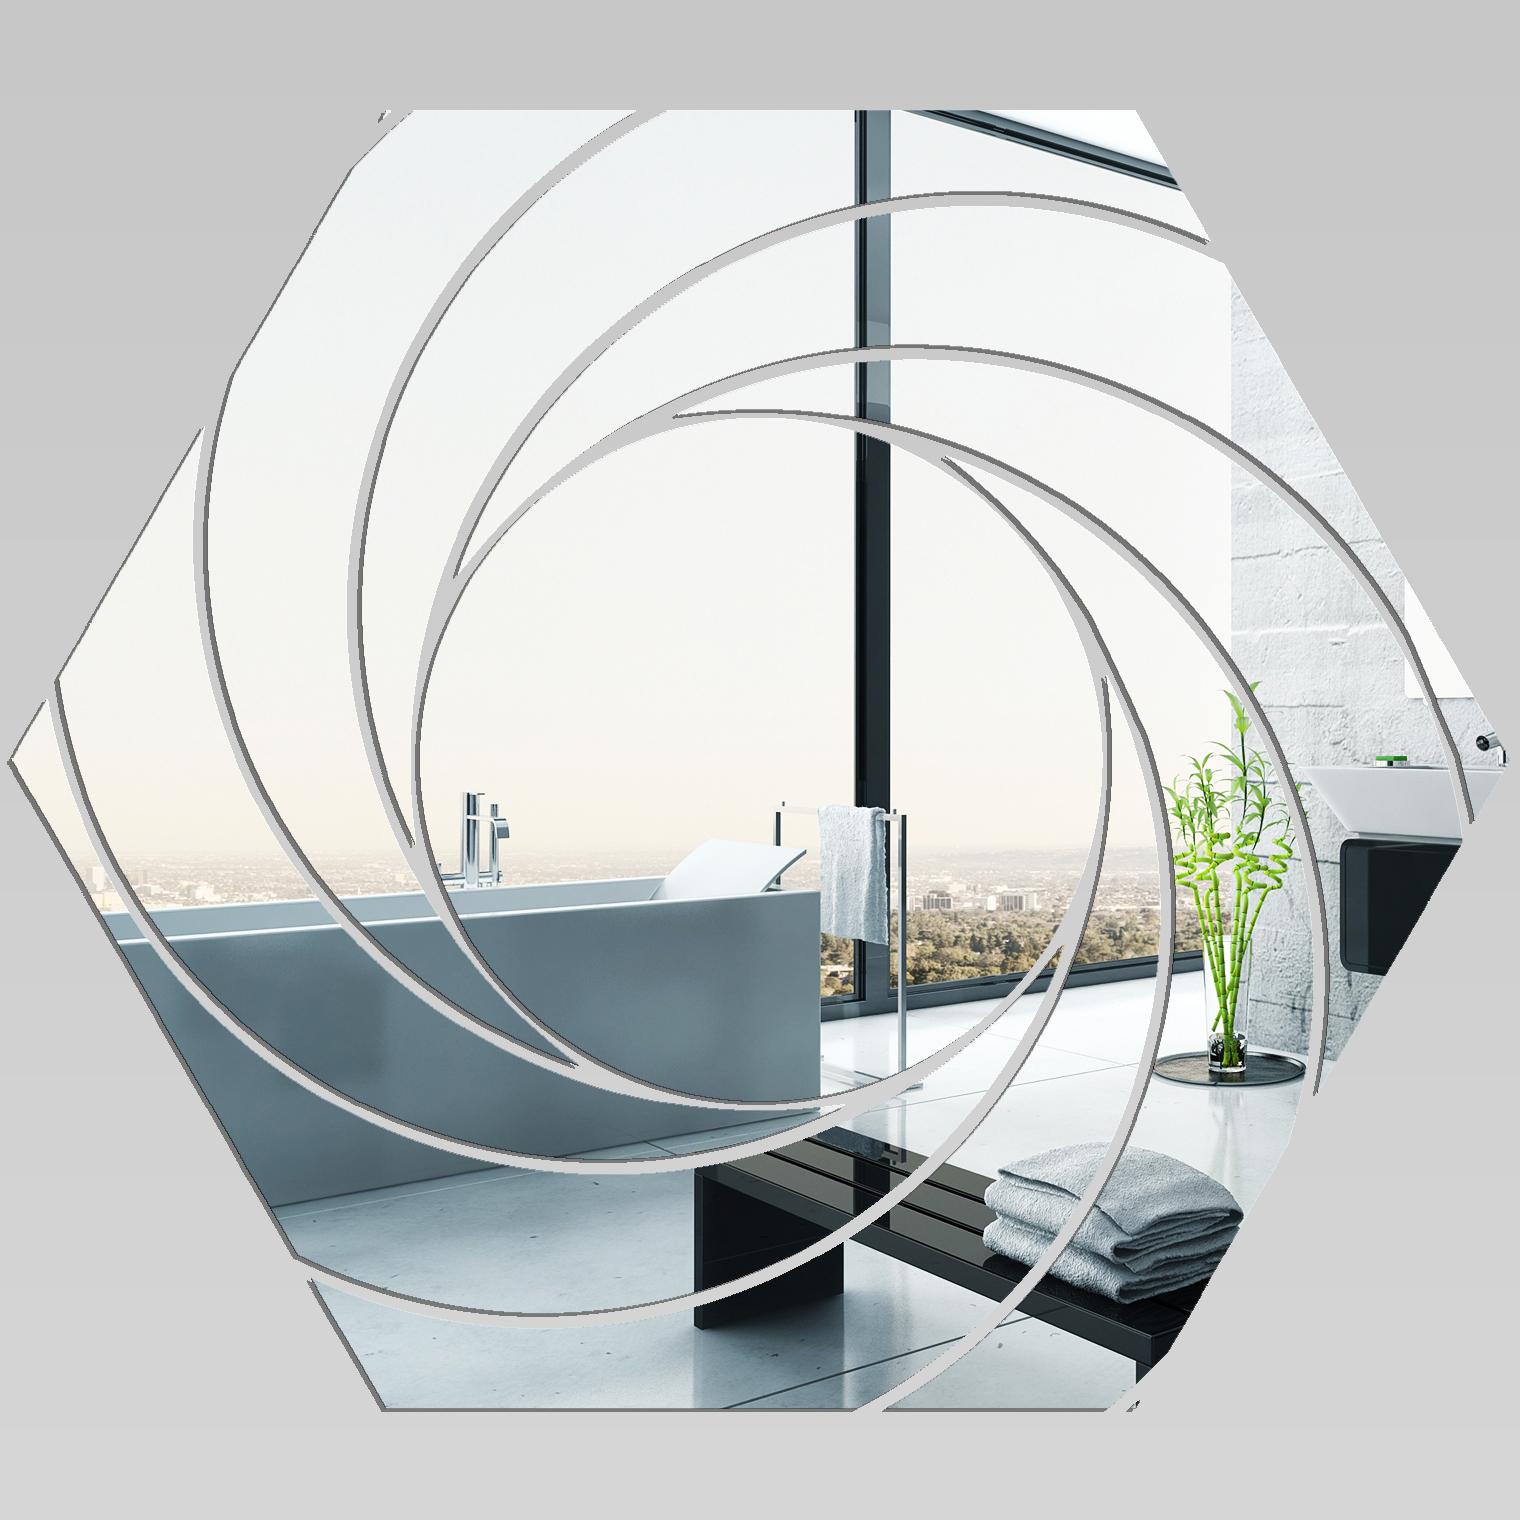 Hexagone forex